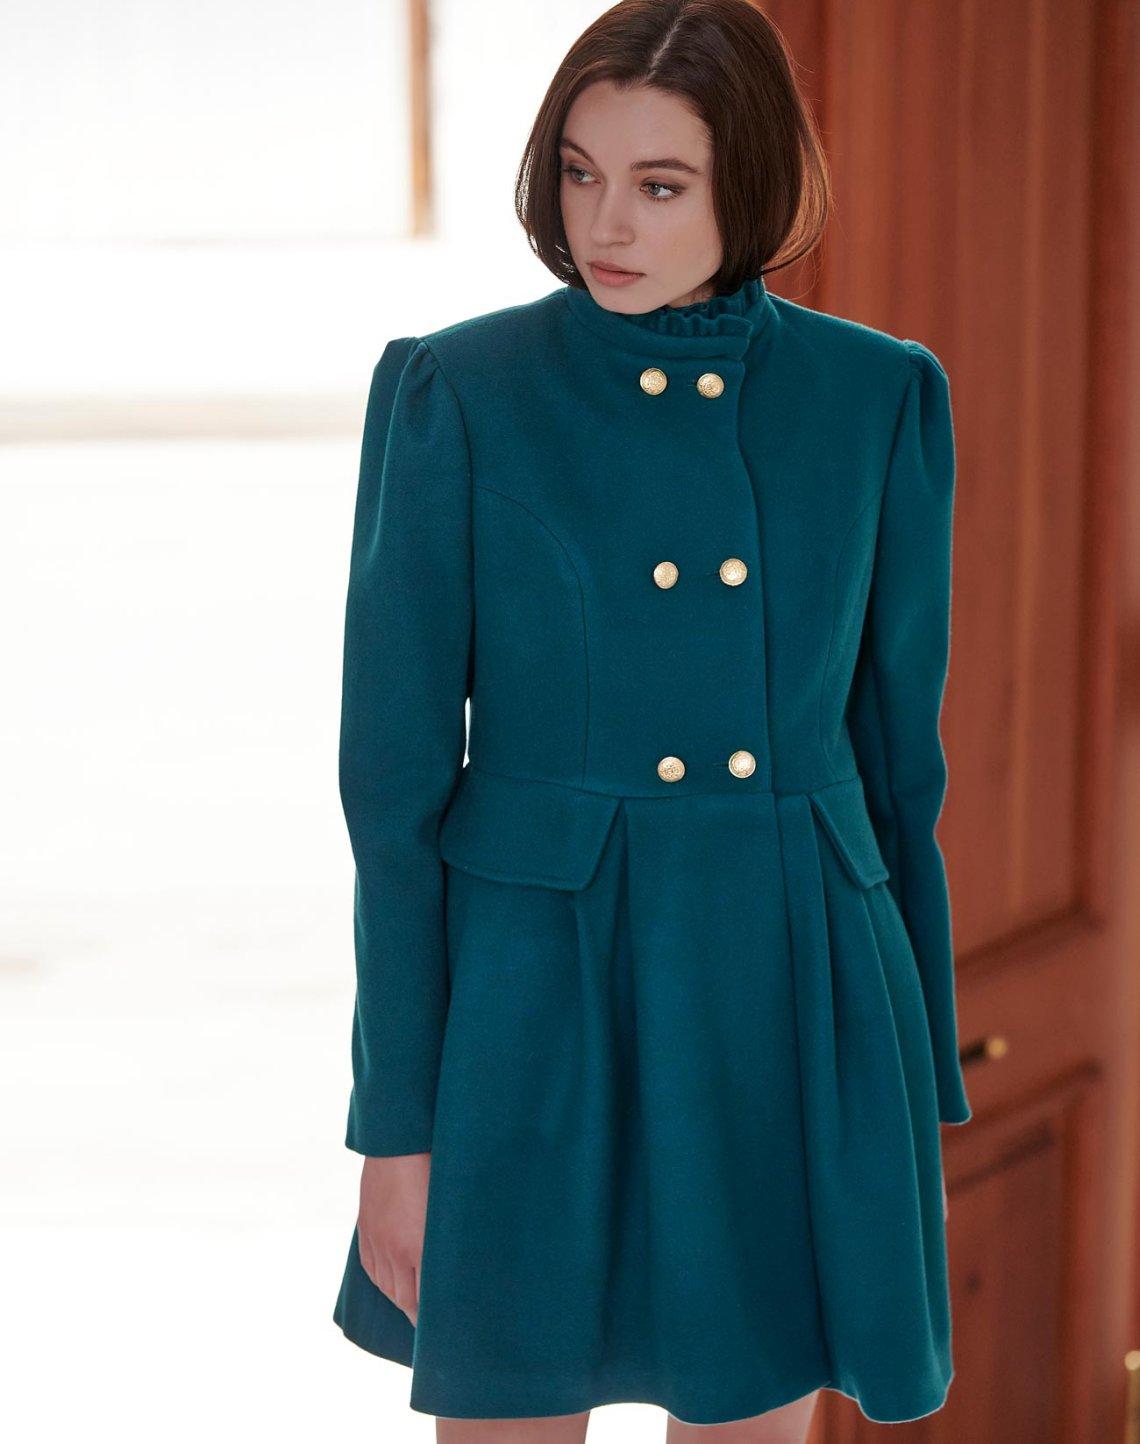 Παλτό με όρθιο γιακά βολάν